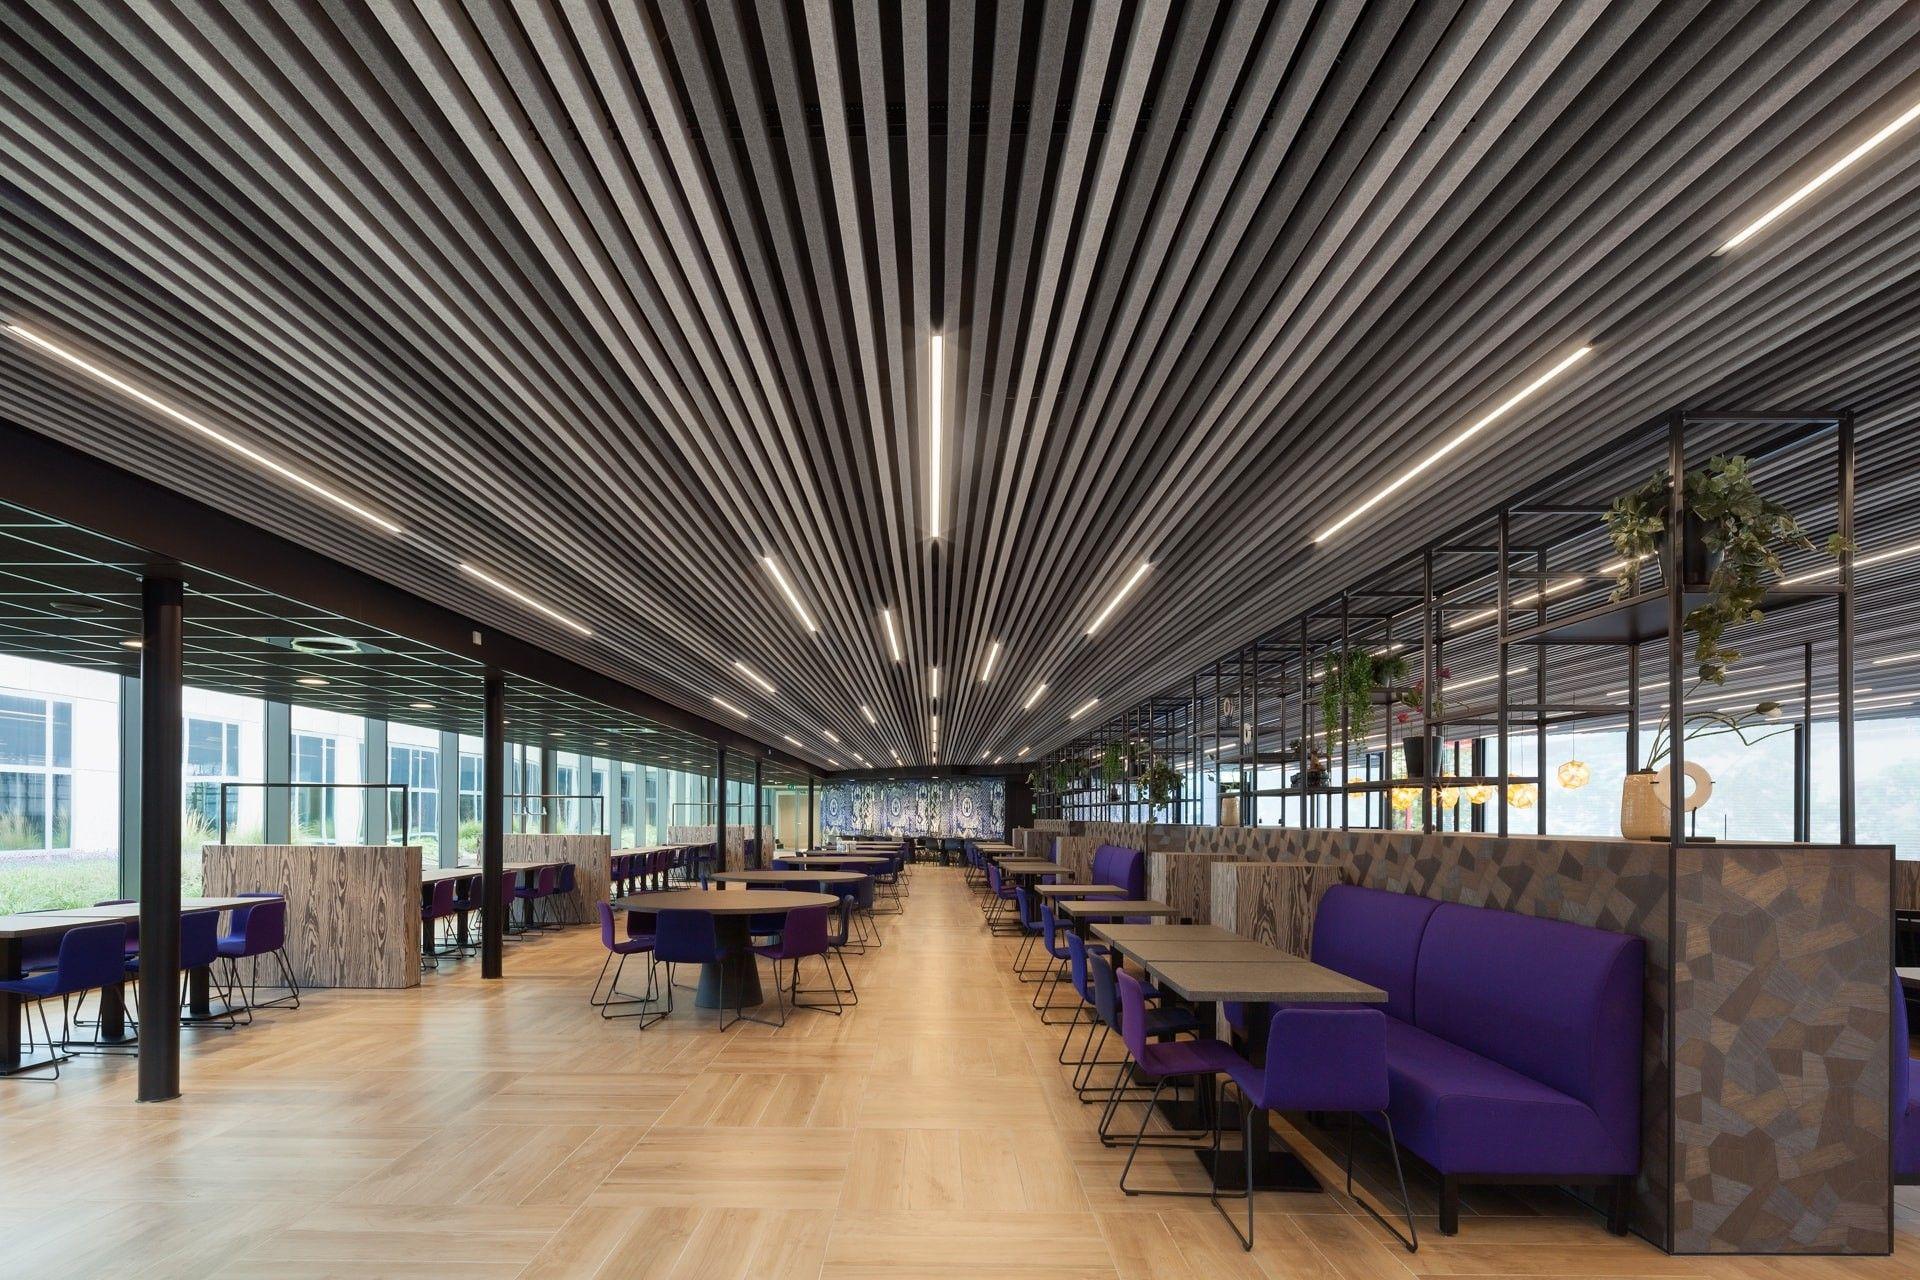 Corridor Tegular Ceiling Tiles Acoustic Ceiling Tiles Ceiling Materials Drop Ceiling Tiles